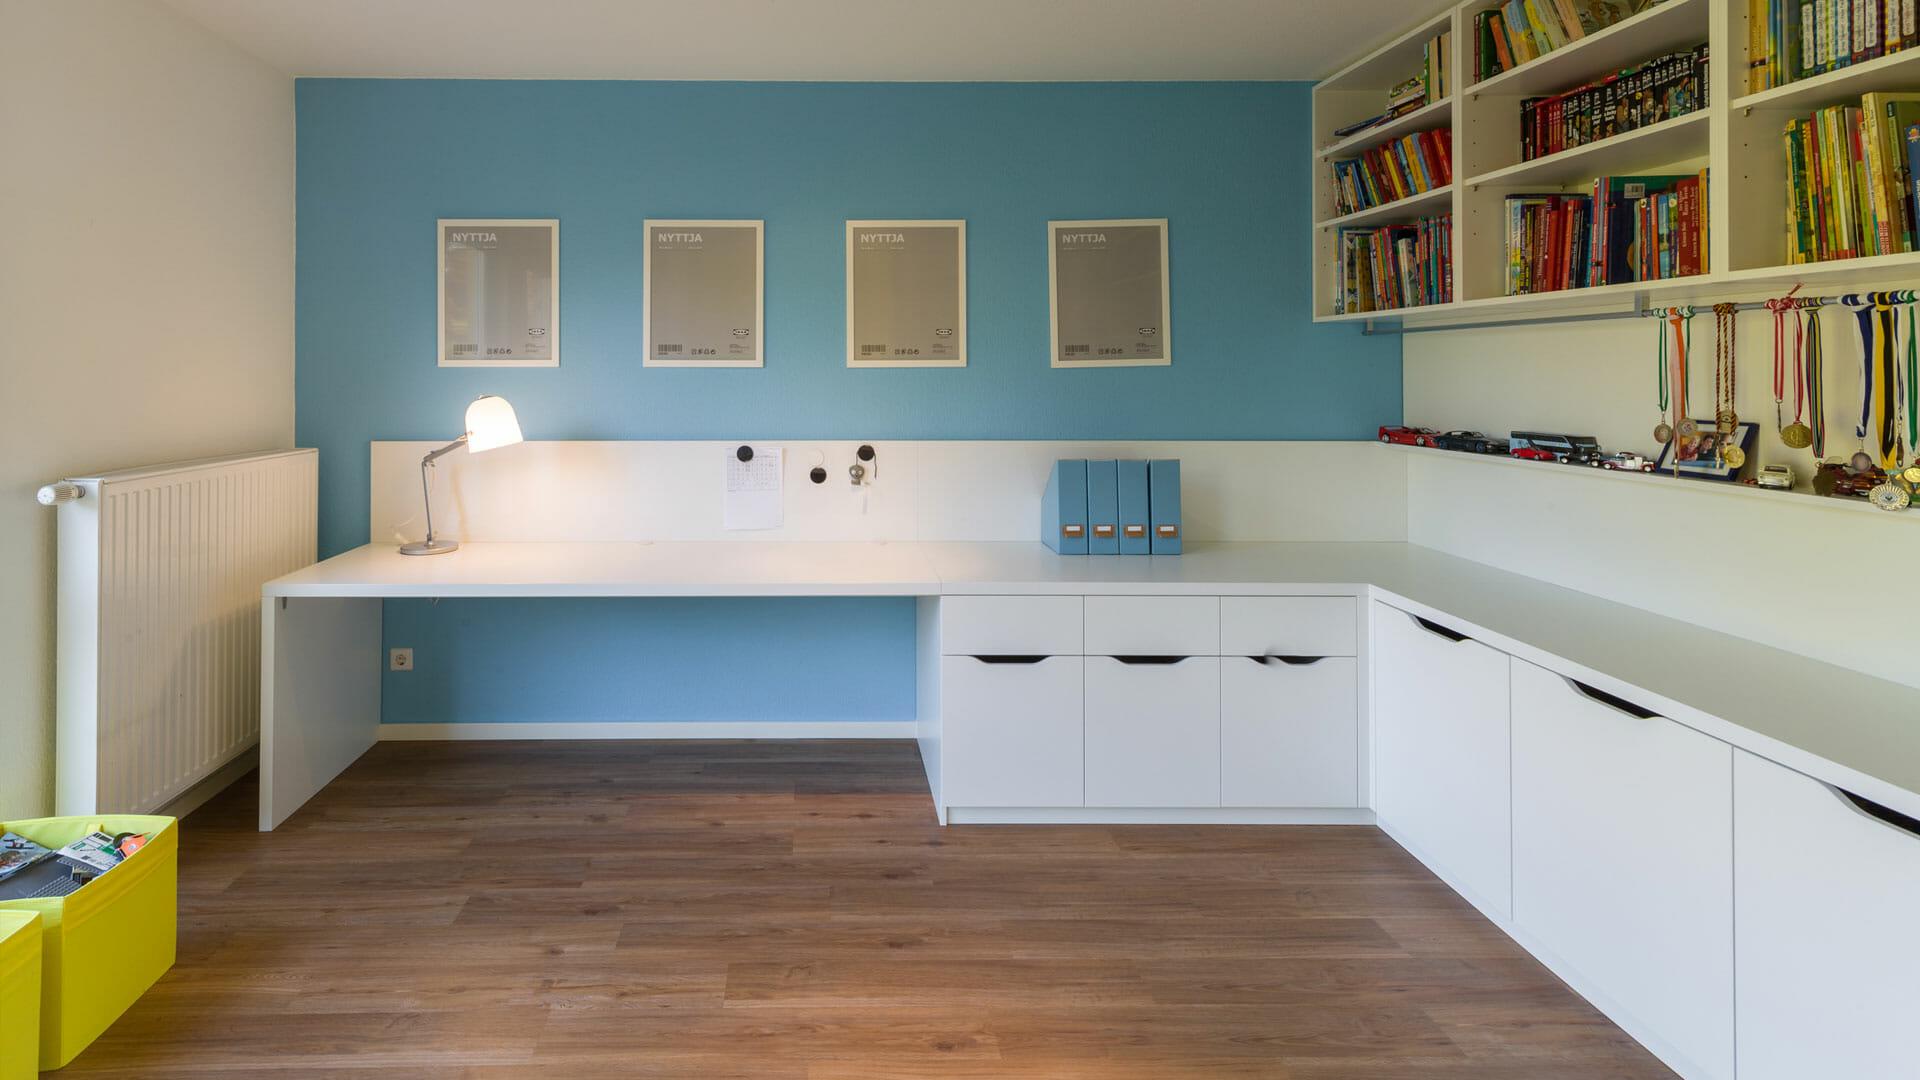 Kinderzimmer mit extragroßem Schreibtisch | dieMeisterTischler